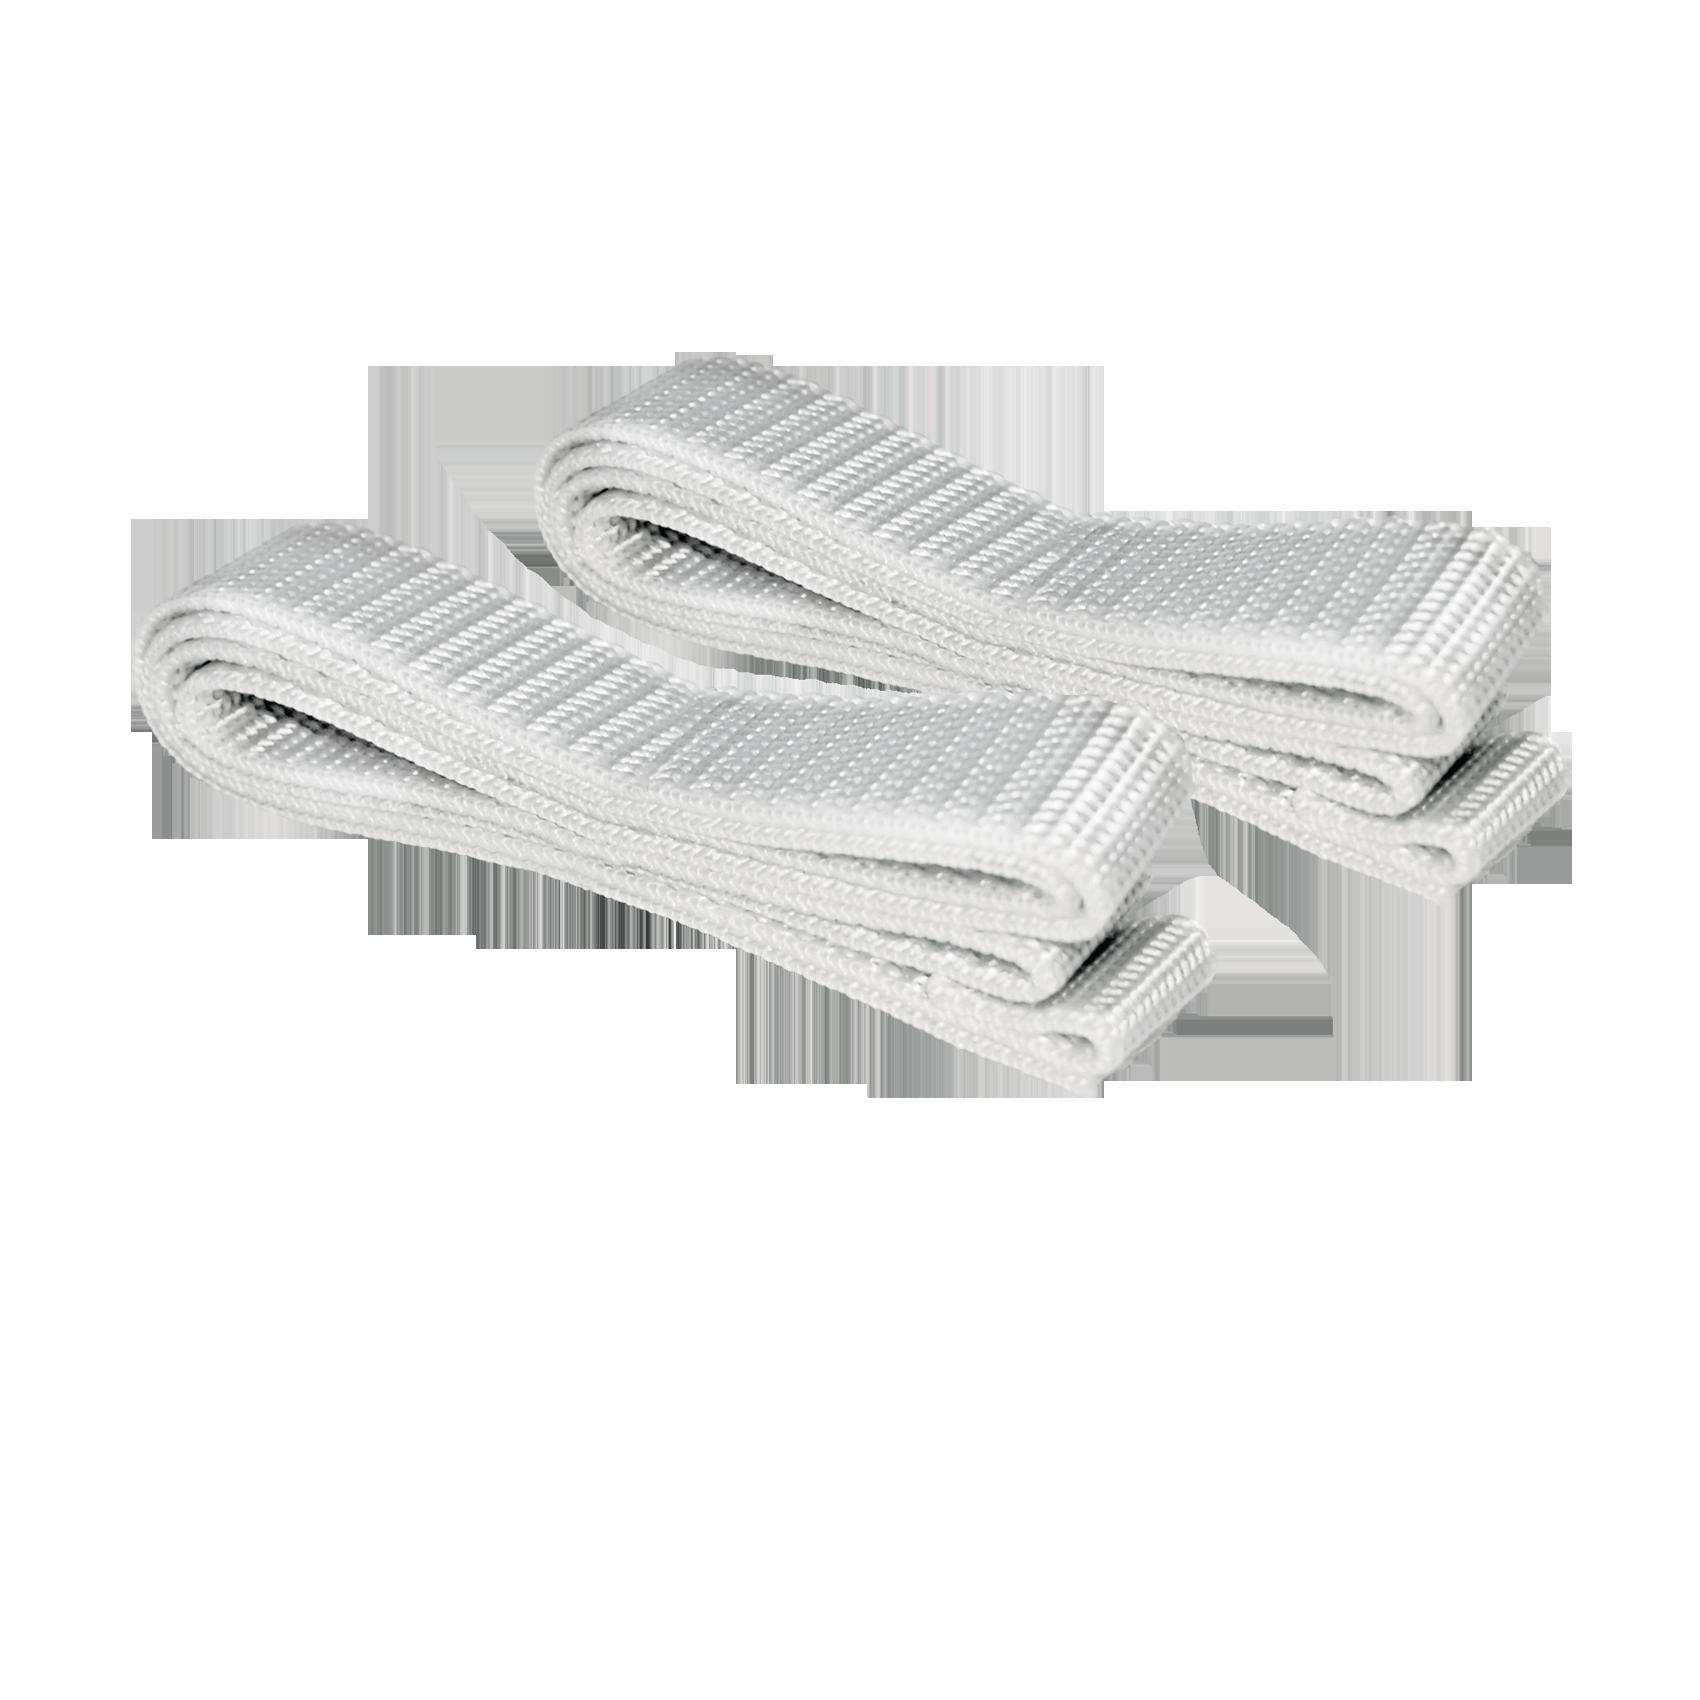 Gurtband 80 cm (2 Stk) weiß für BALCONERA